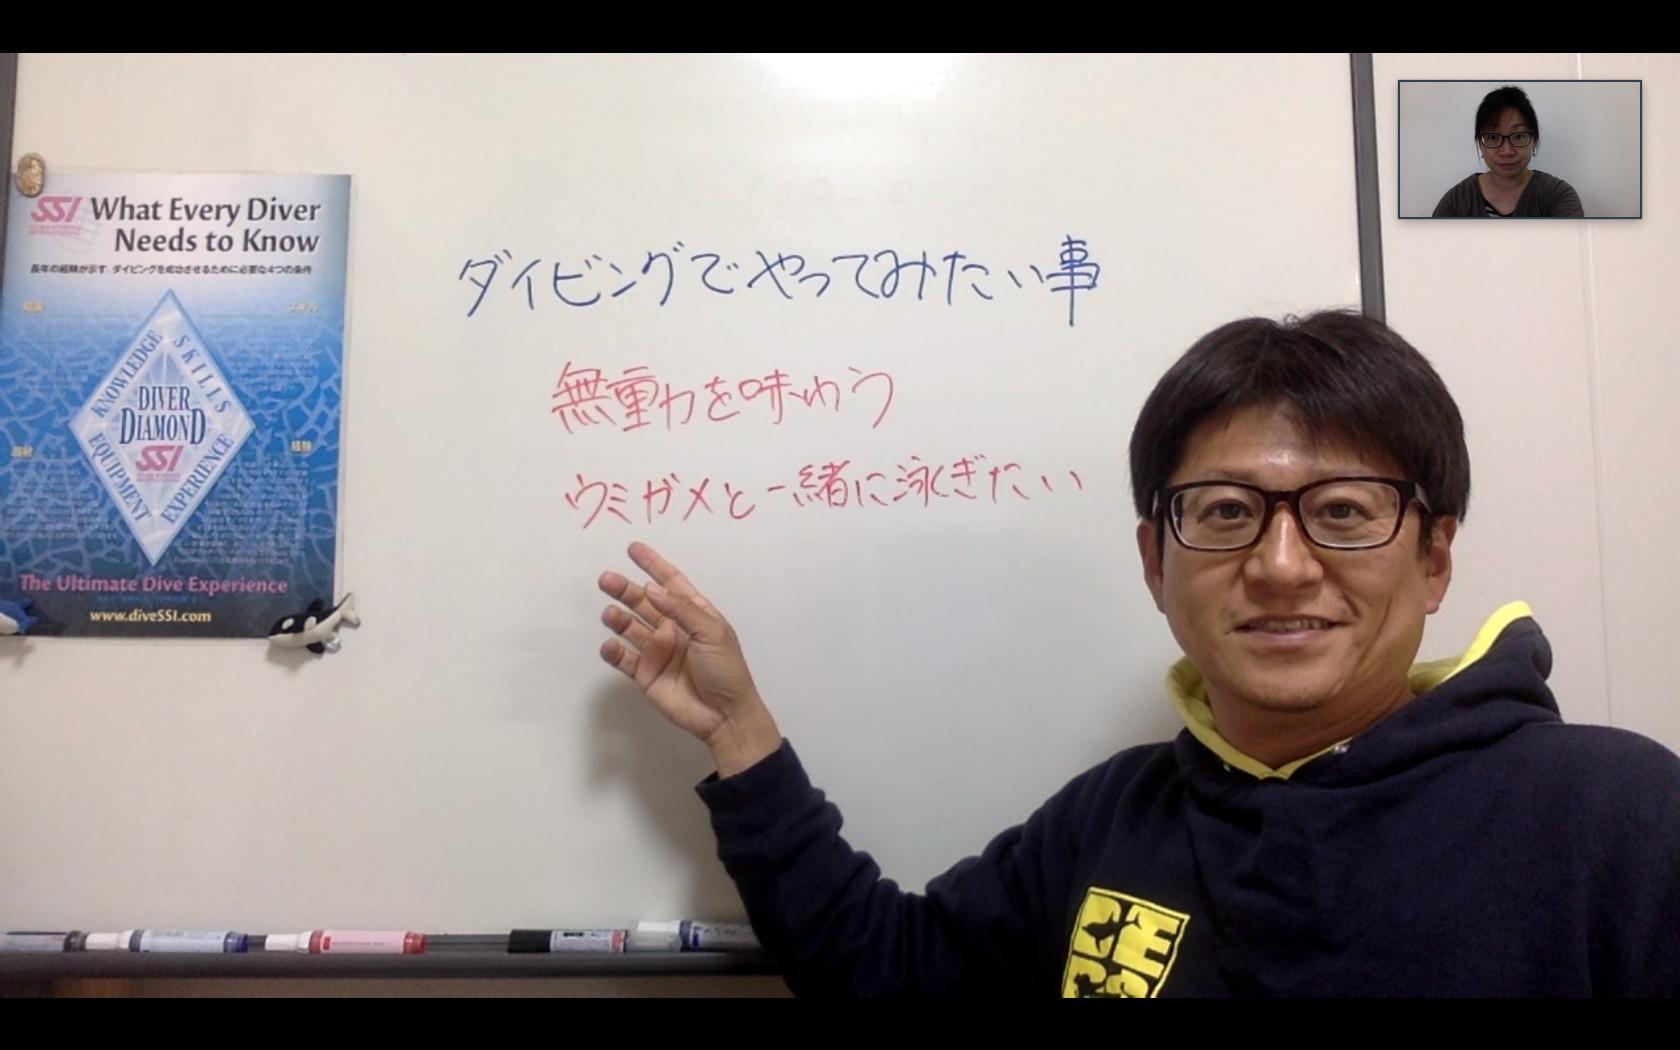 コース Cカード取得コース | 神奈川県小田原市のスキューバダイビング ...